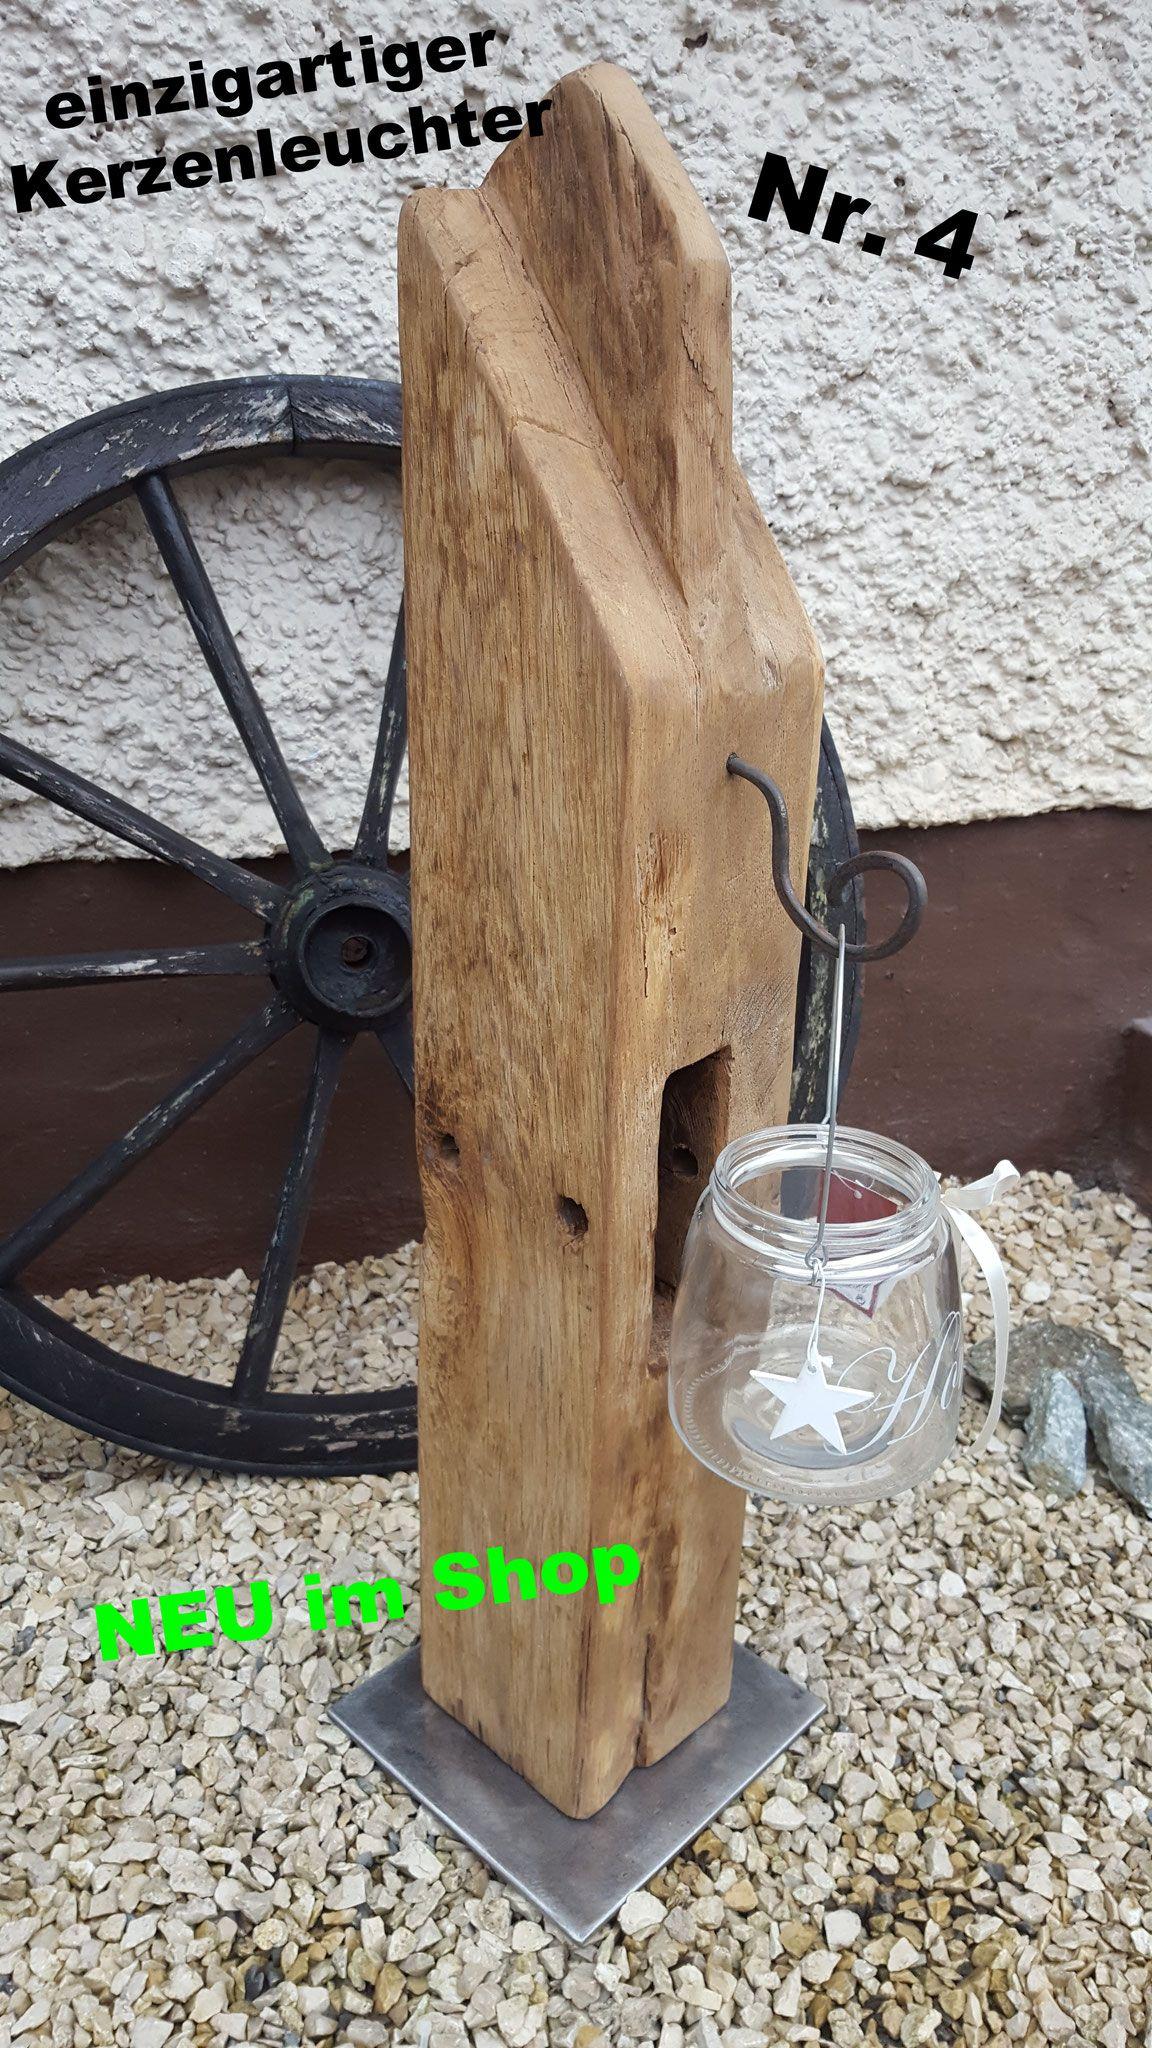 Kerzenleuchter Amp Lampen Aus Eichenbalken Schnapsbretter